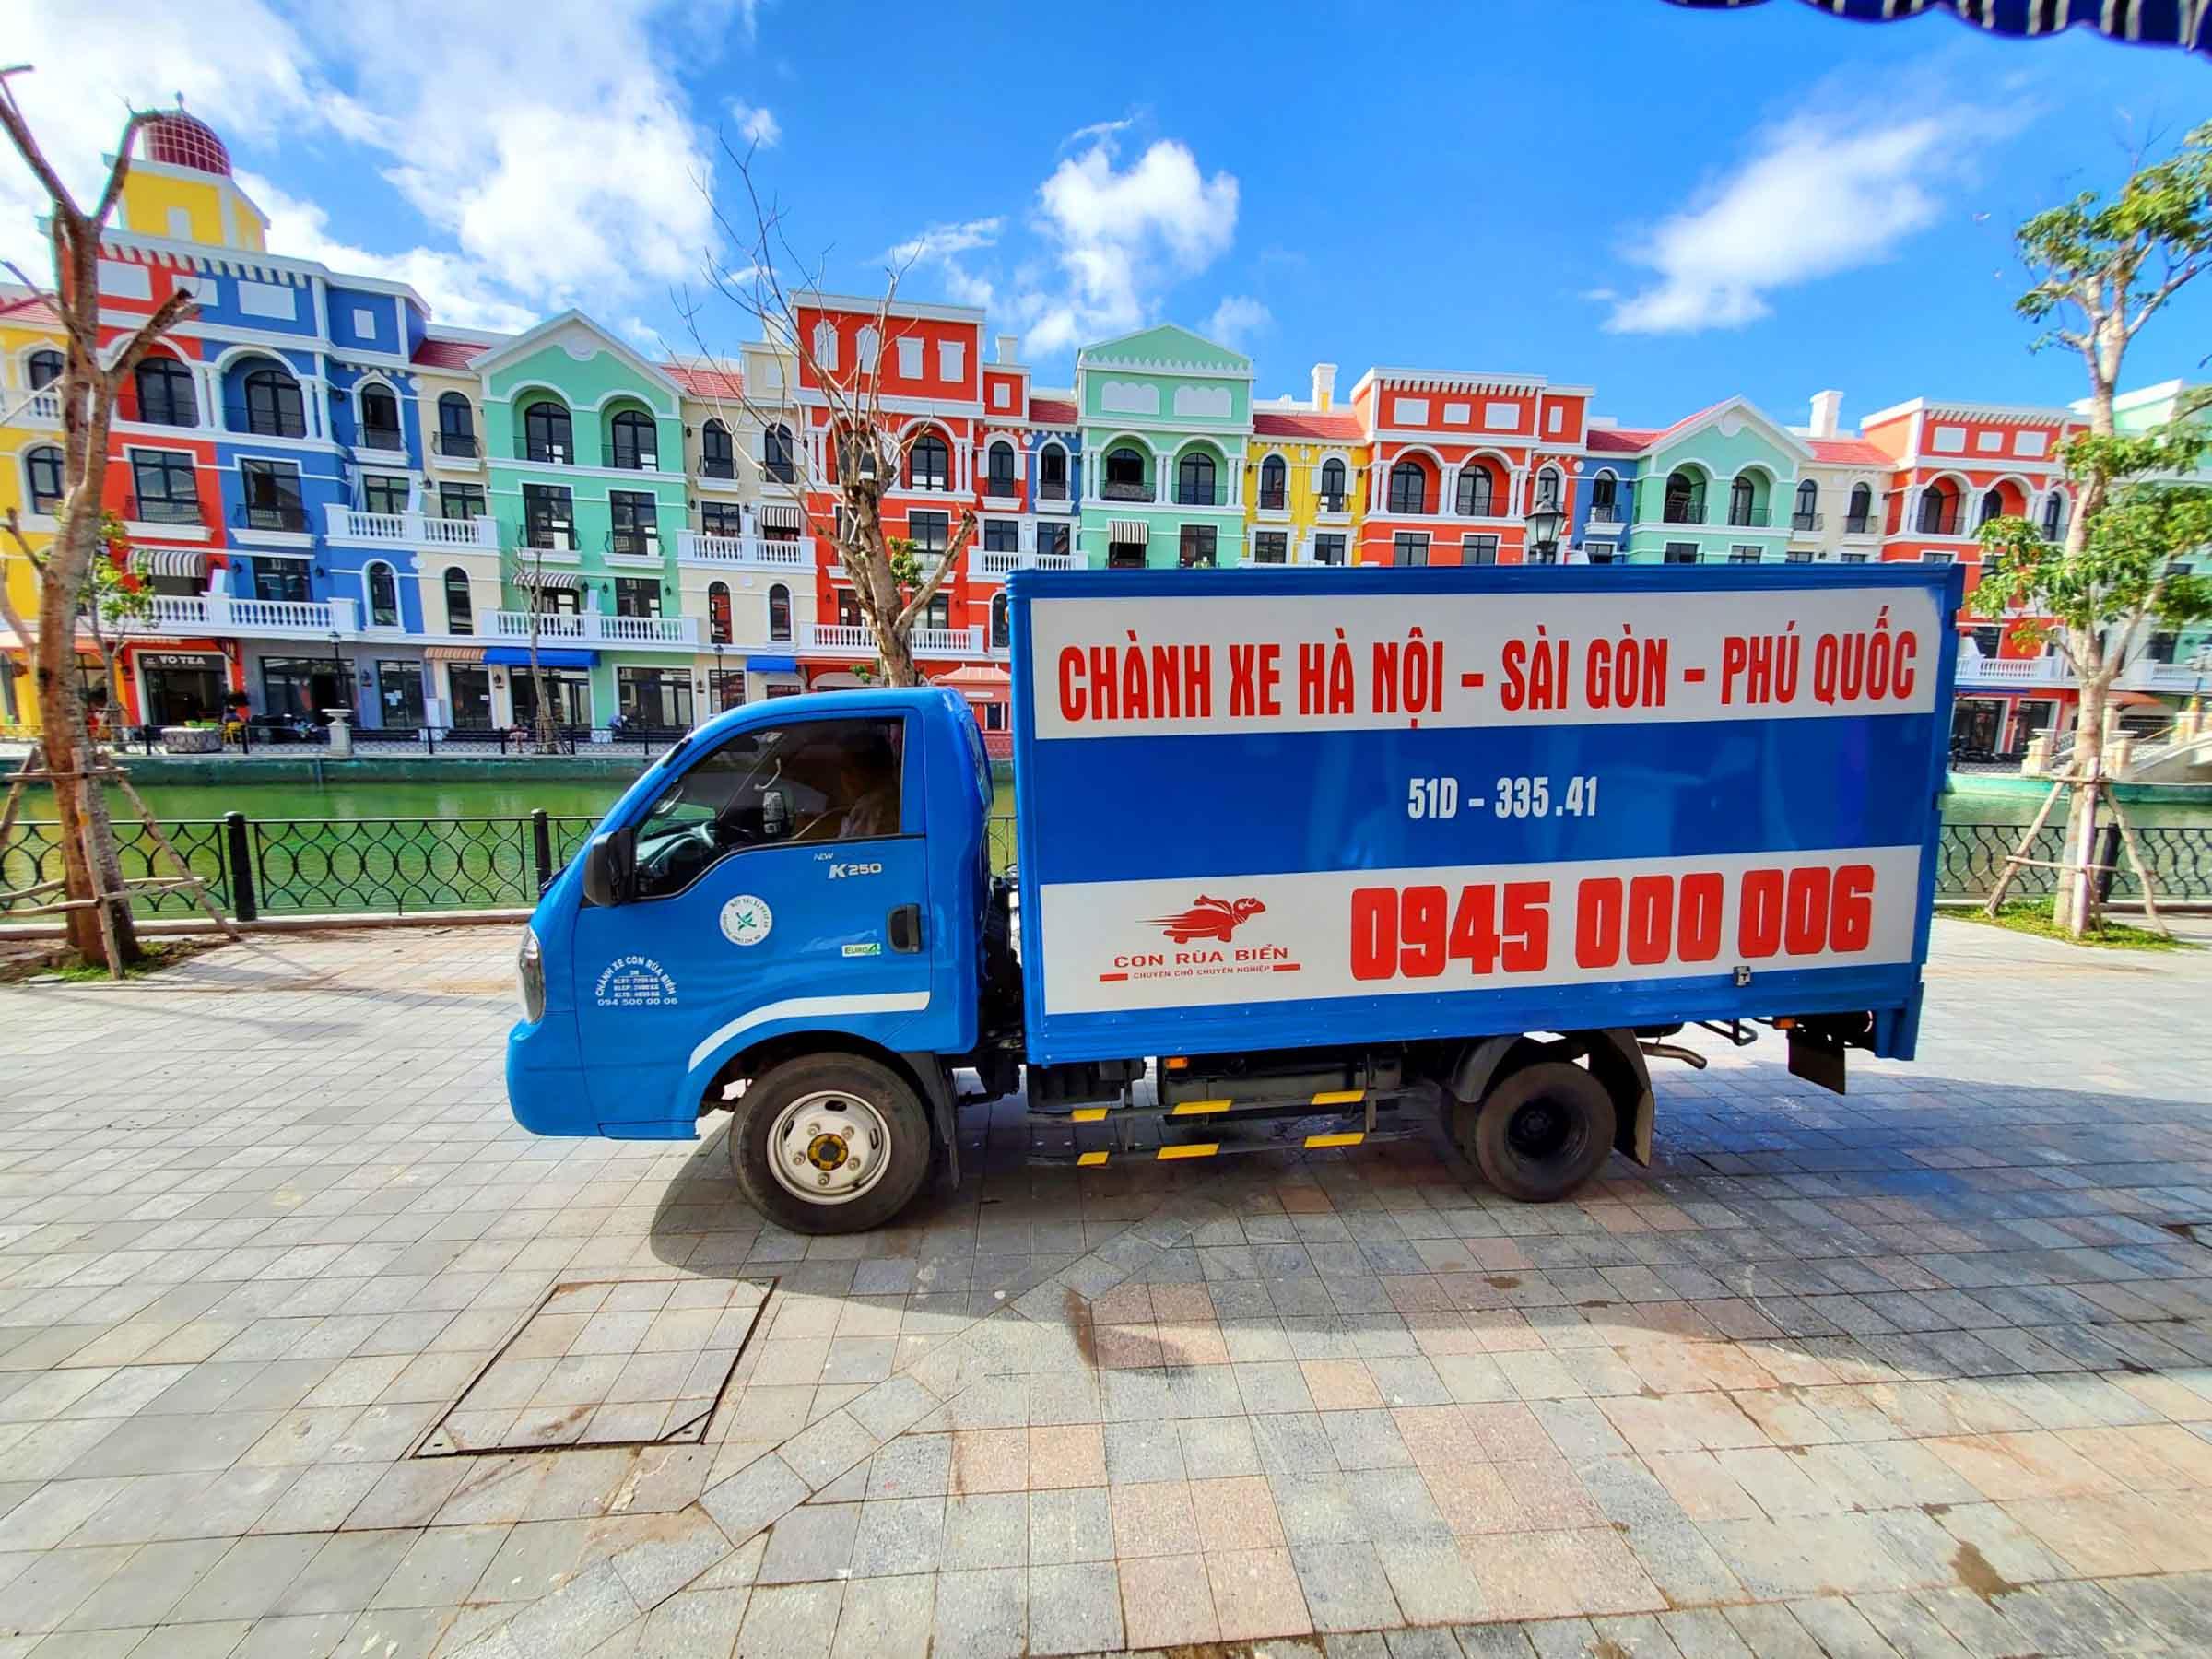 Chành xe Phú Quốc - Con Rùa Biển là đơn vị vận tải hàng hóa đang cung cấp dịch vụ Vận chuyển mỹ phẩm với nhiều hình thức đa dạng | 0945000006